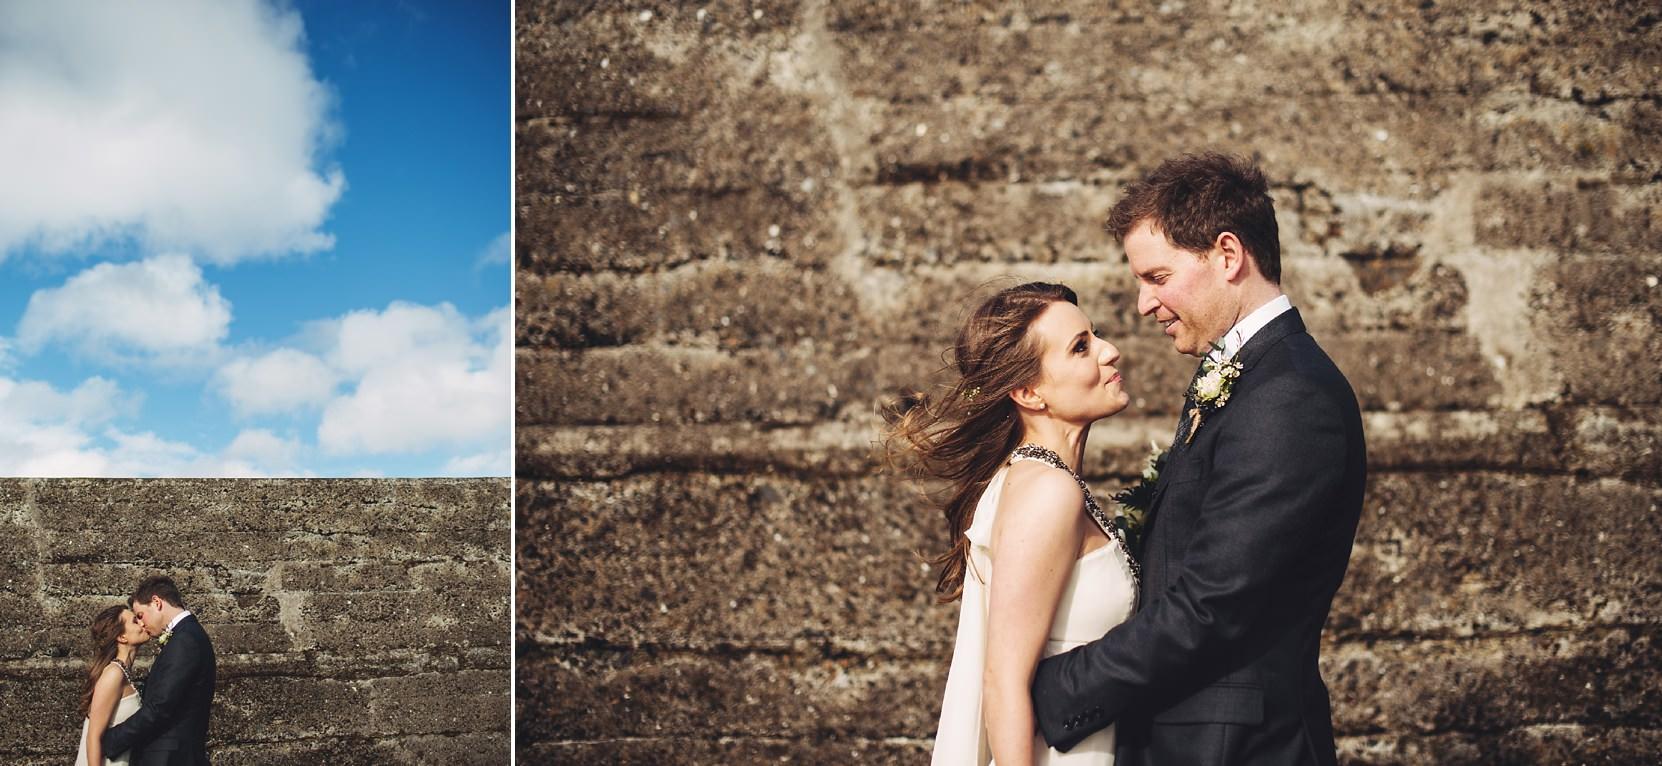 Portnoo-Wedding-Photography_0088